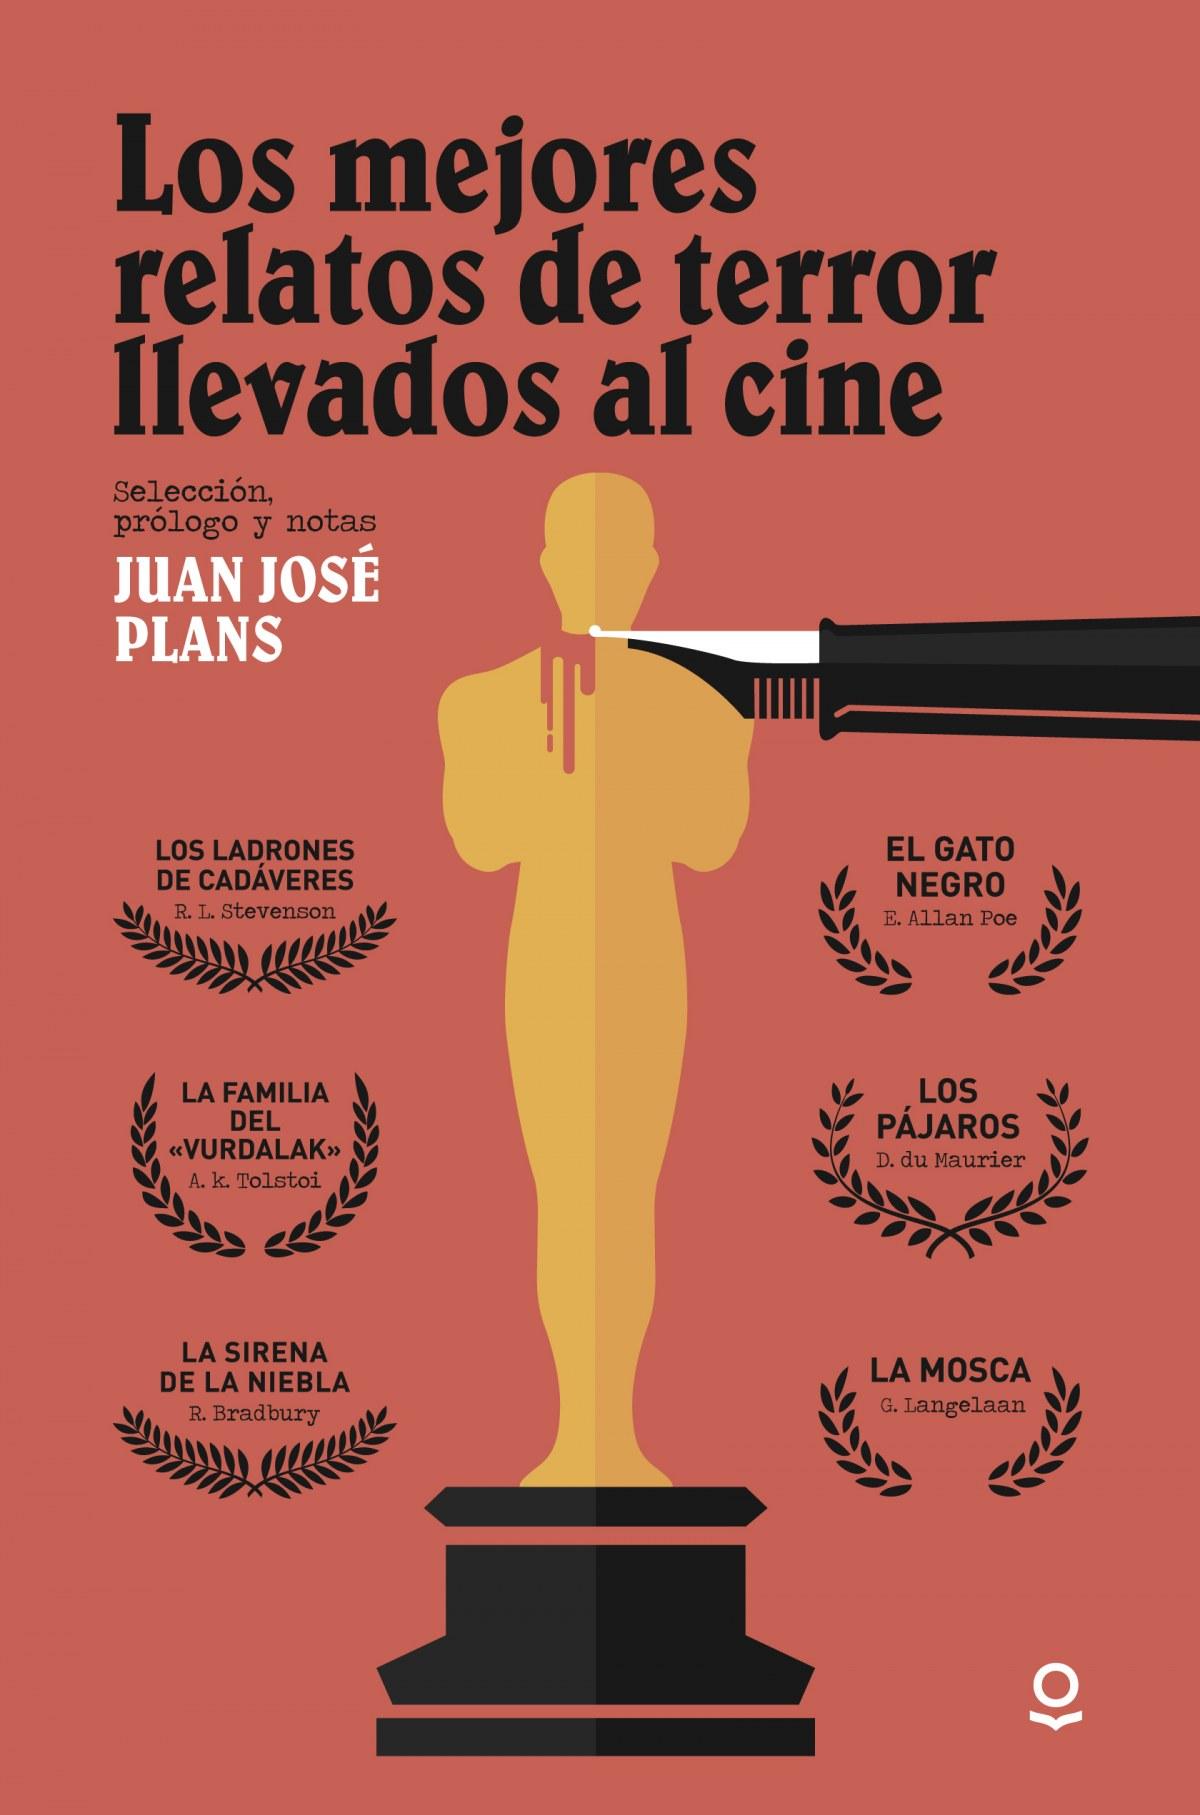 LOS MEJORES RELATOS DE TERROR LLEVADOS AL CINE 9788491221814